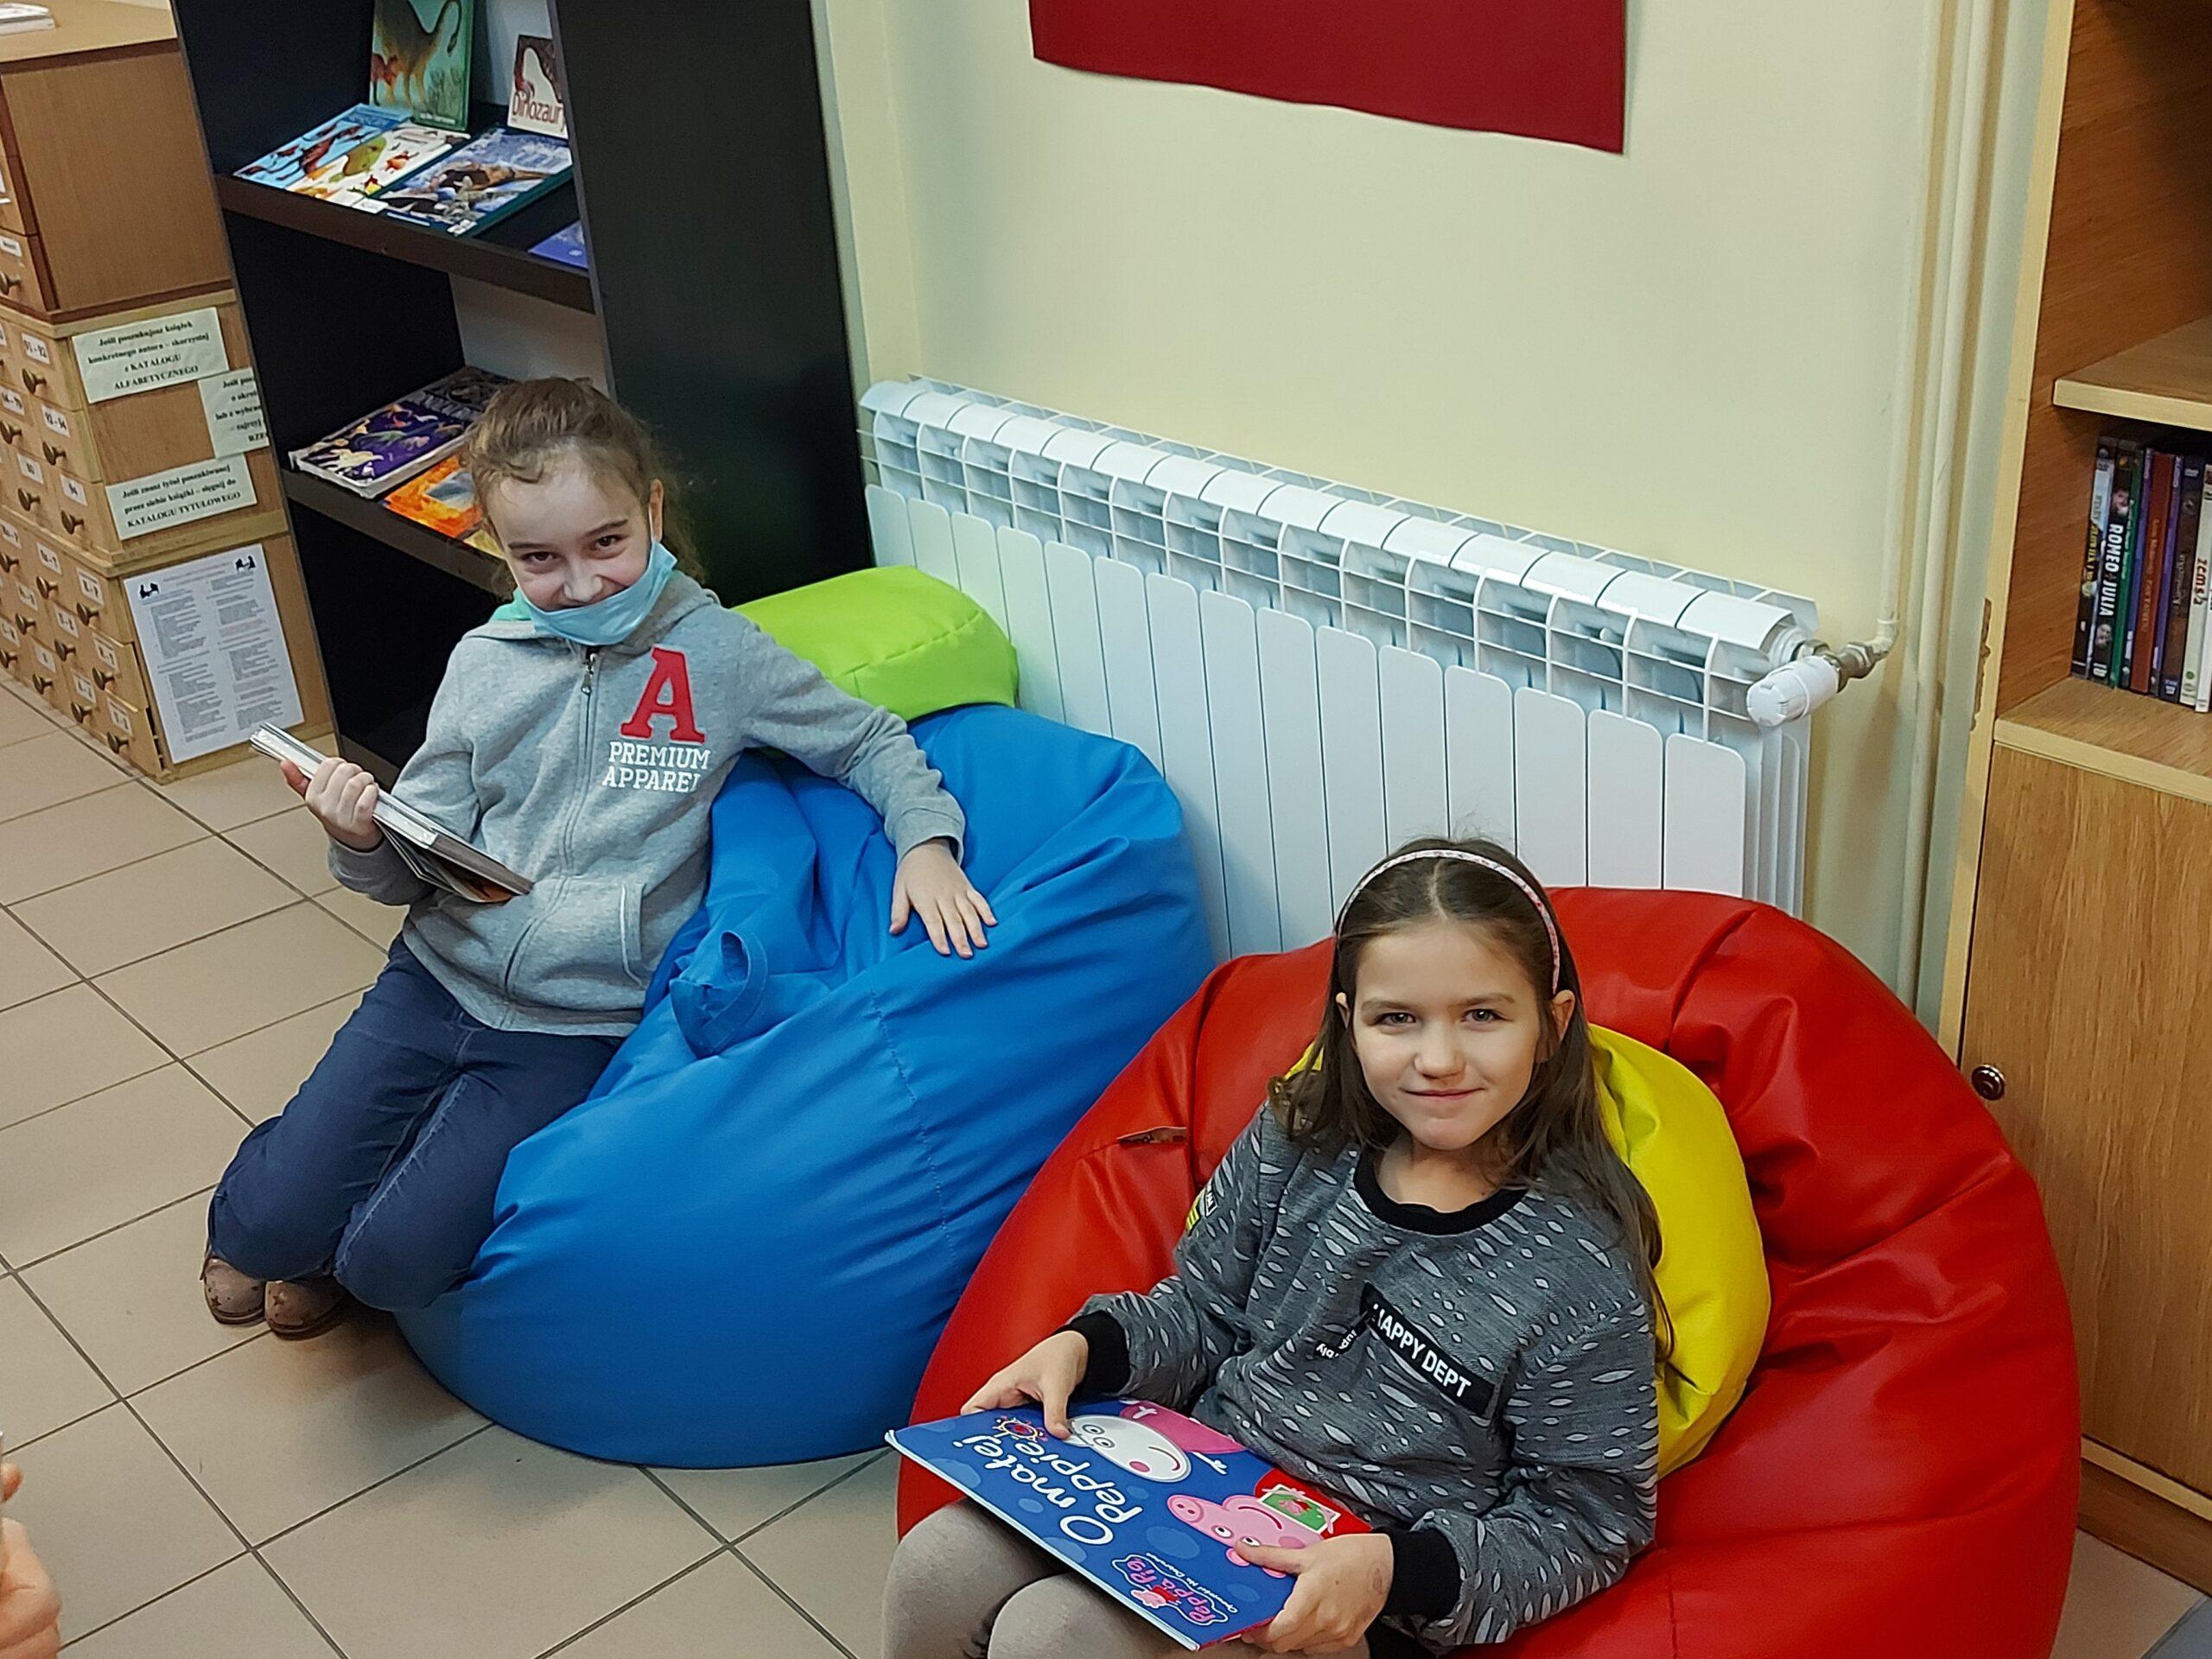 Dziewczynki siedzą na workach do siedzenia w bibliotece